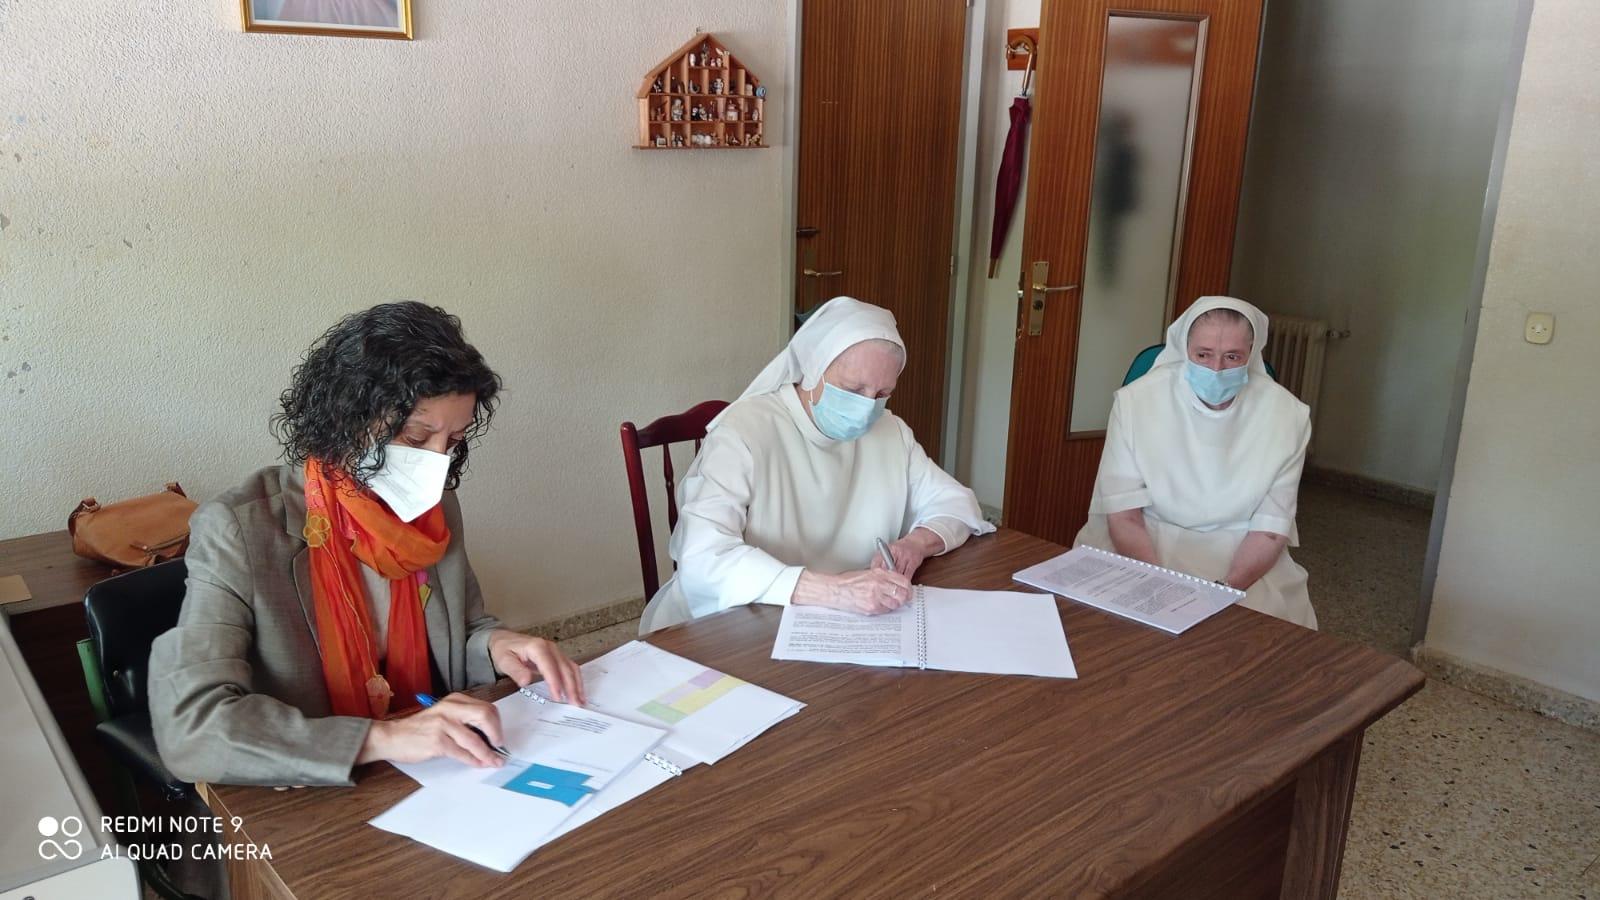 Firma acuerdo Angélicas 16 junio 2021 - Cohousing Palencia